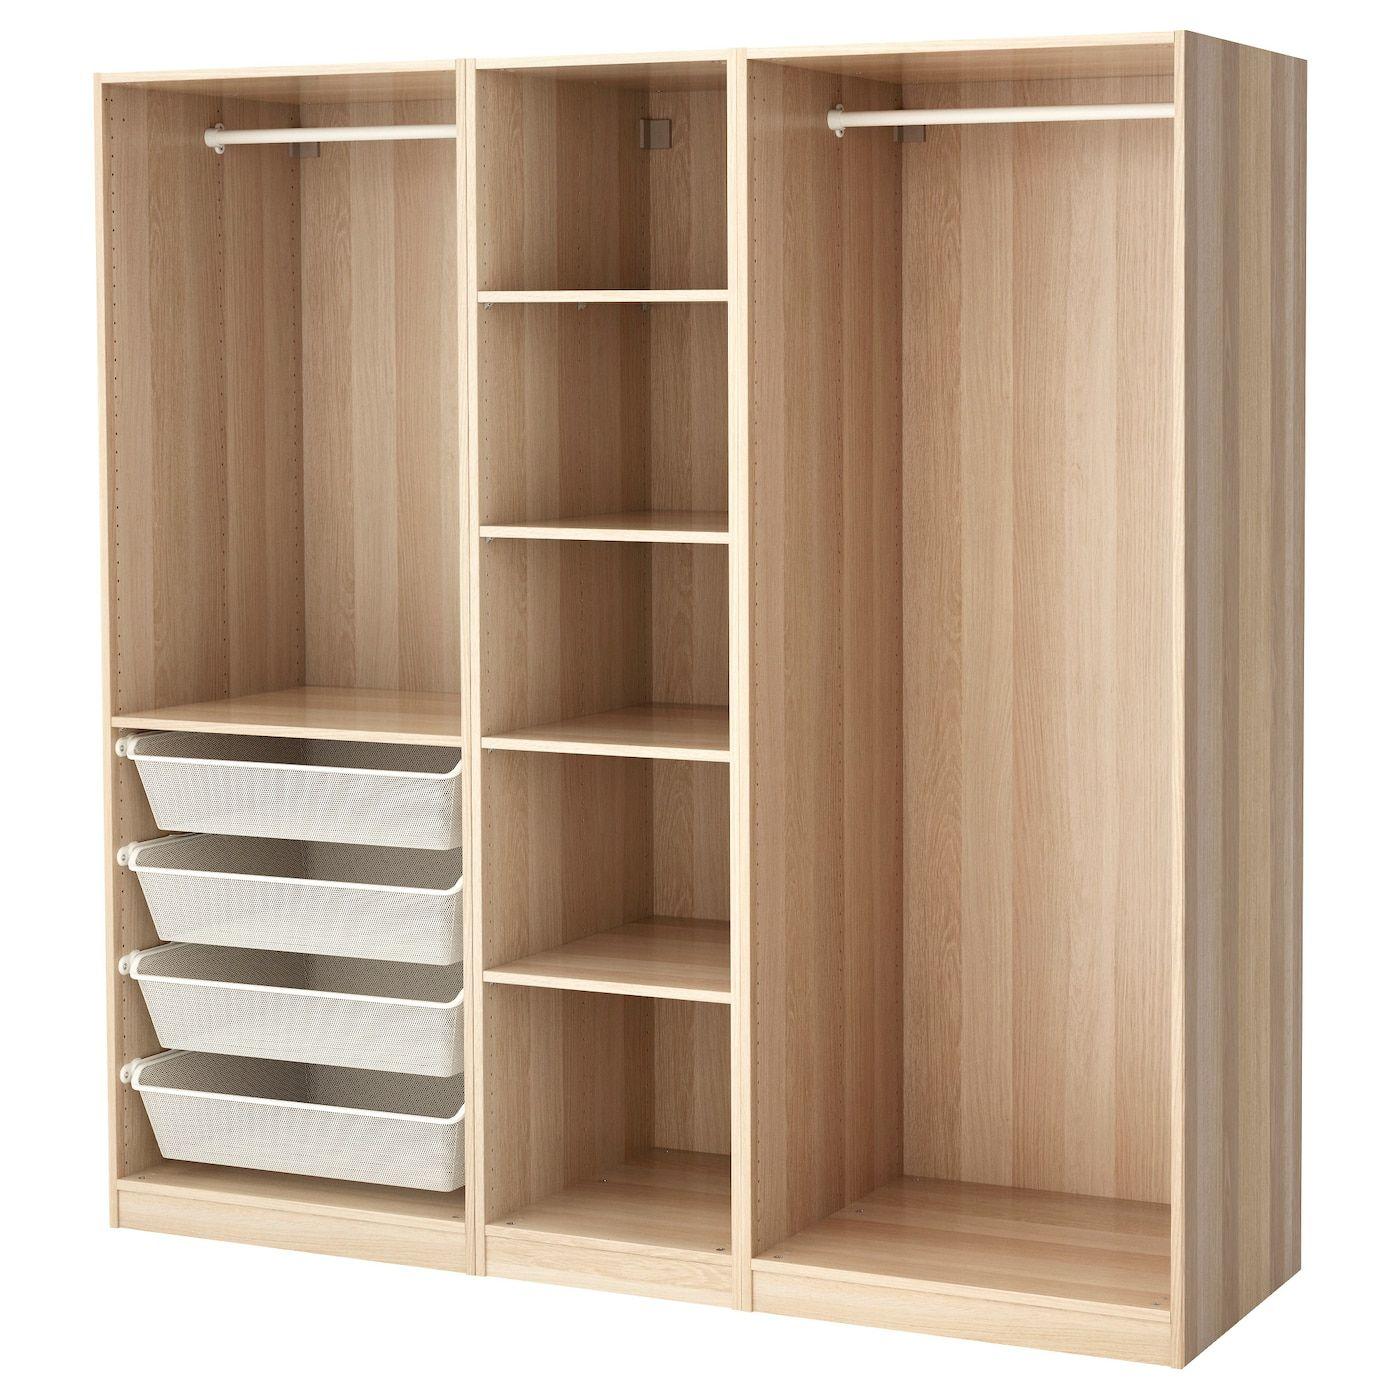 PAX Kleiderschrank Eicheneff wlas IKEA Deutschland